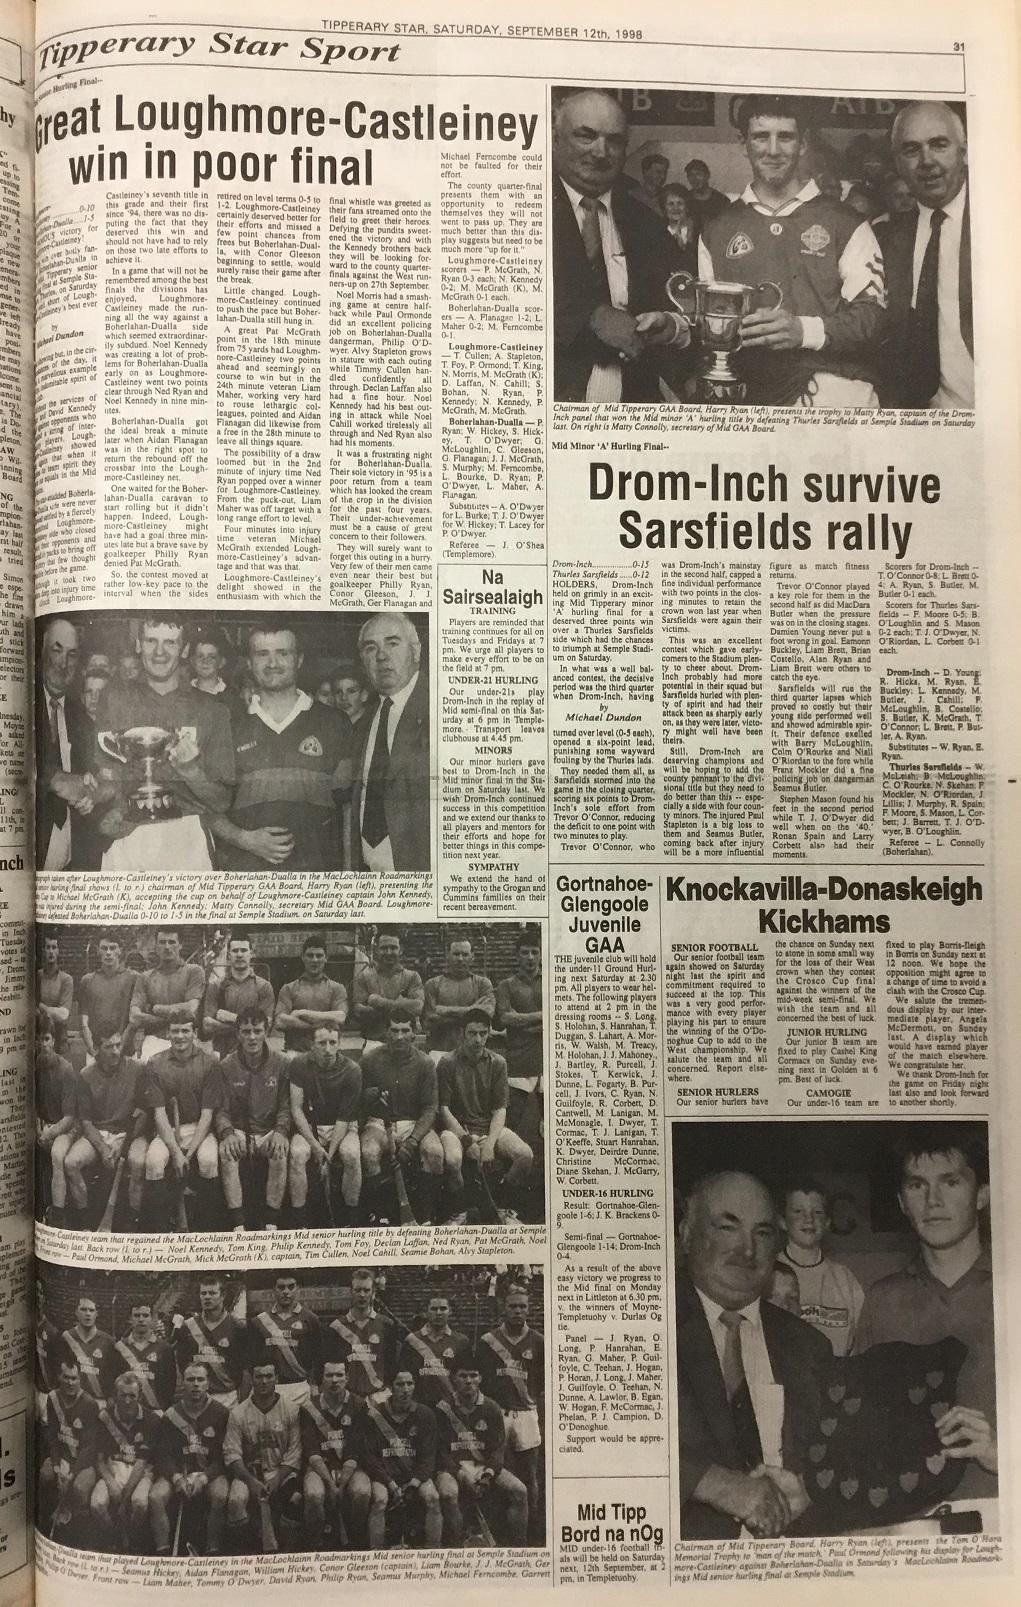 1998 Mid hurling final